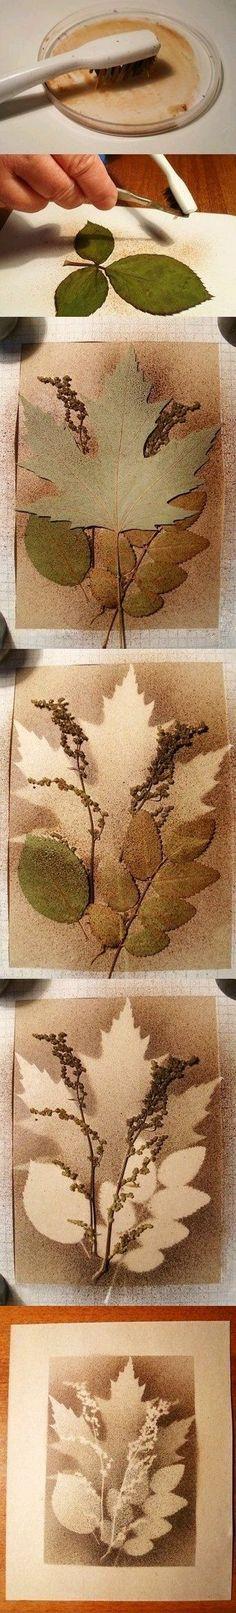 Quadros decorado com folhas